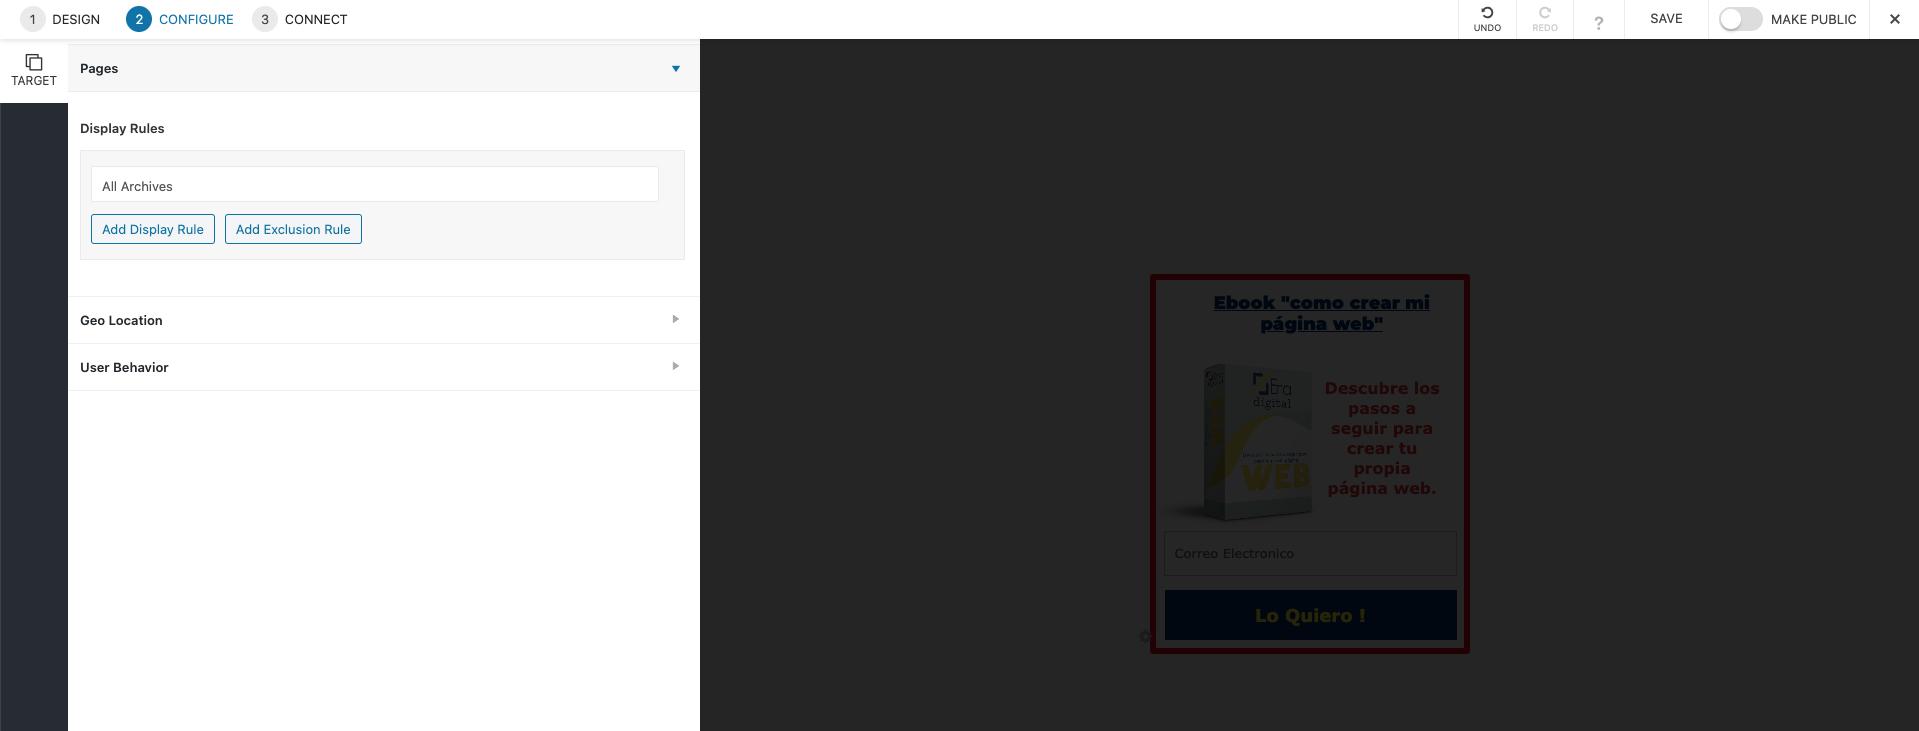 imagen de convert pro configuración de los ajustes